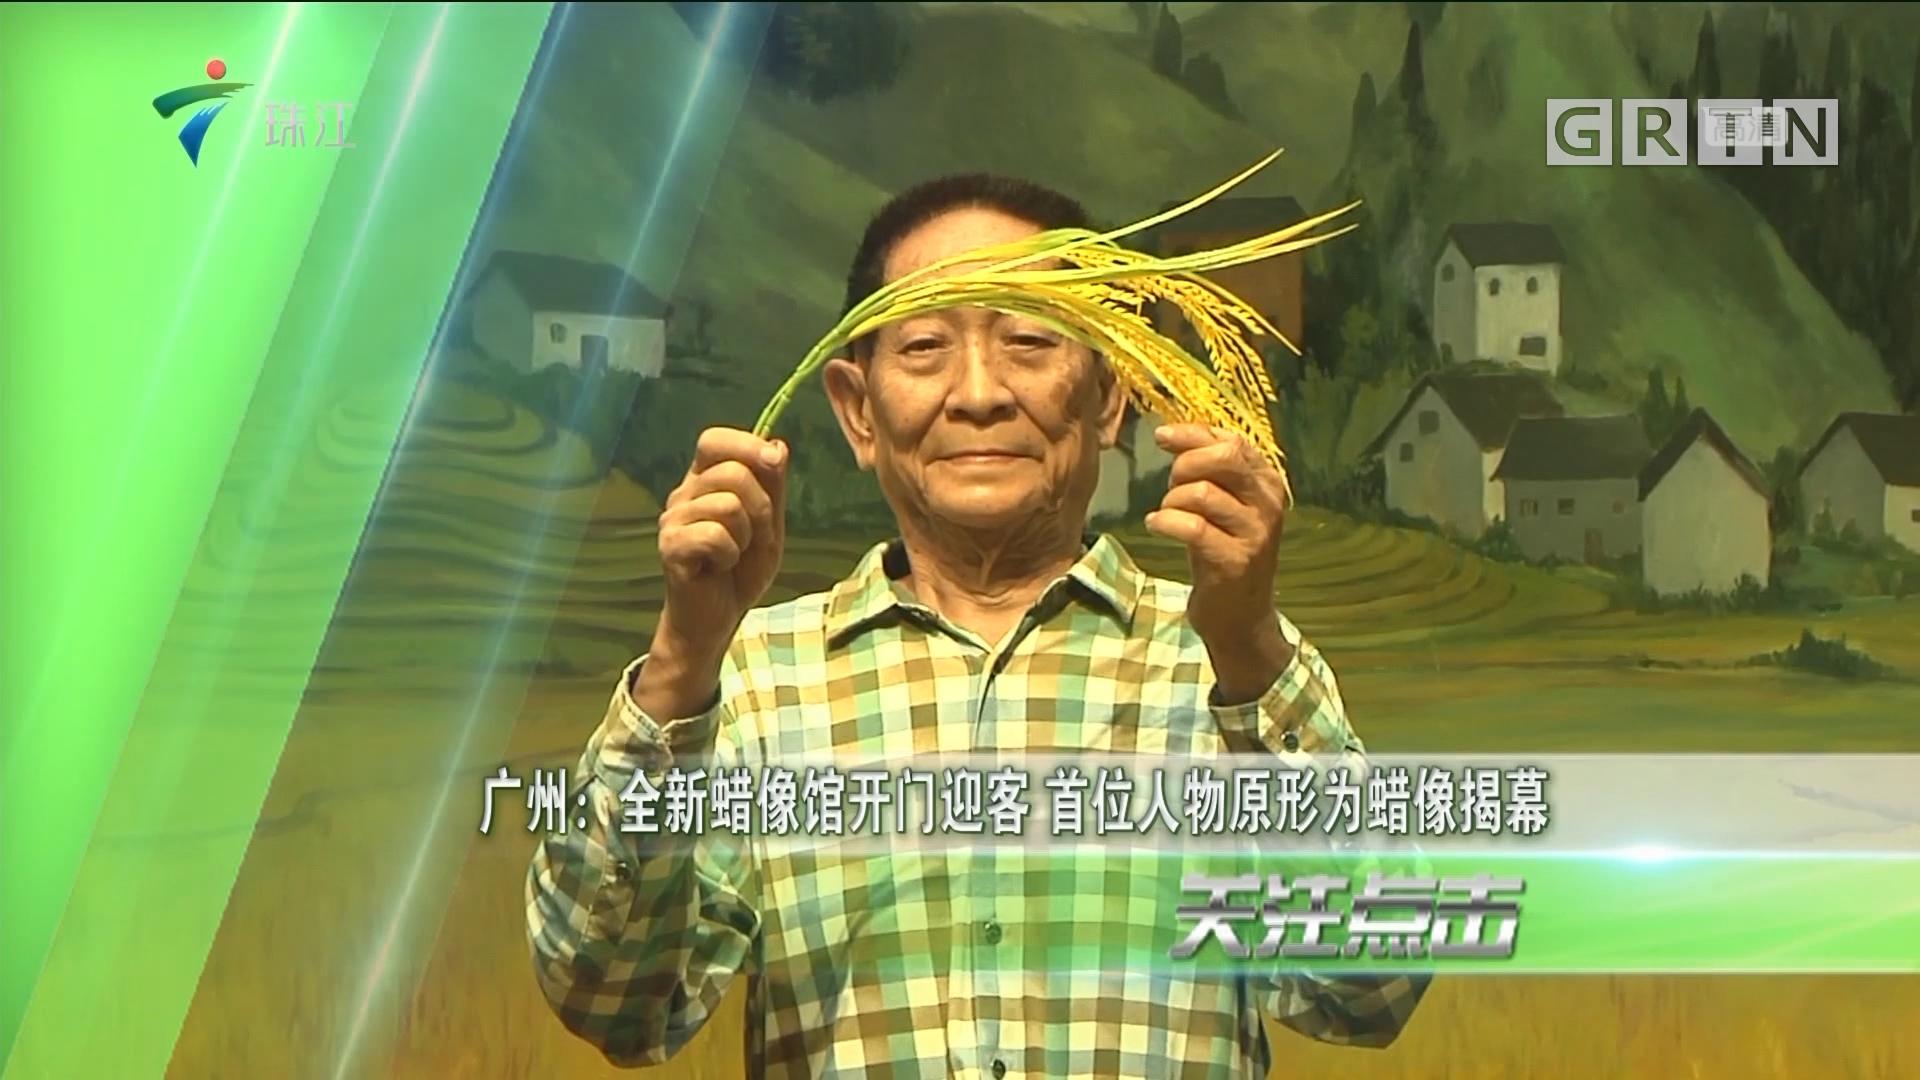 广州:全新蜡像馆开门迎客 首位人物原形为蜡像揭幕